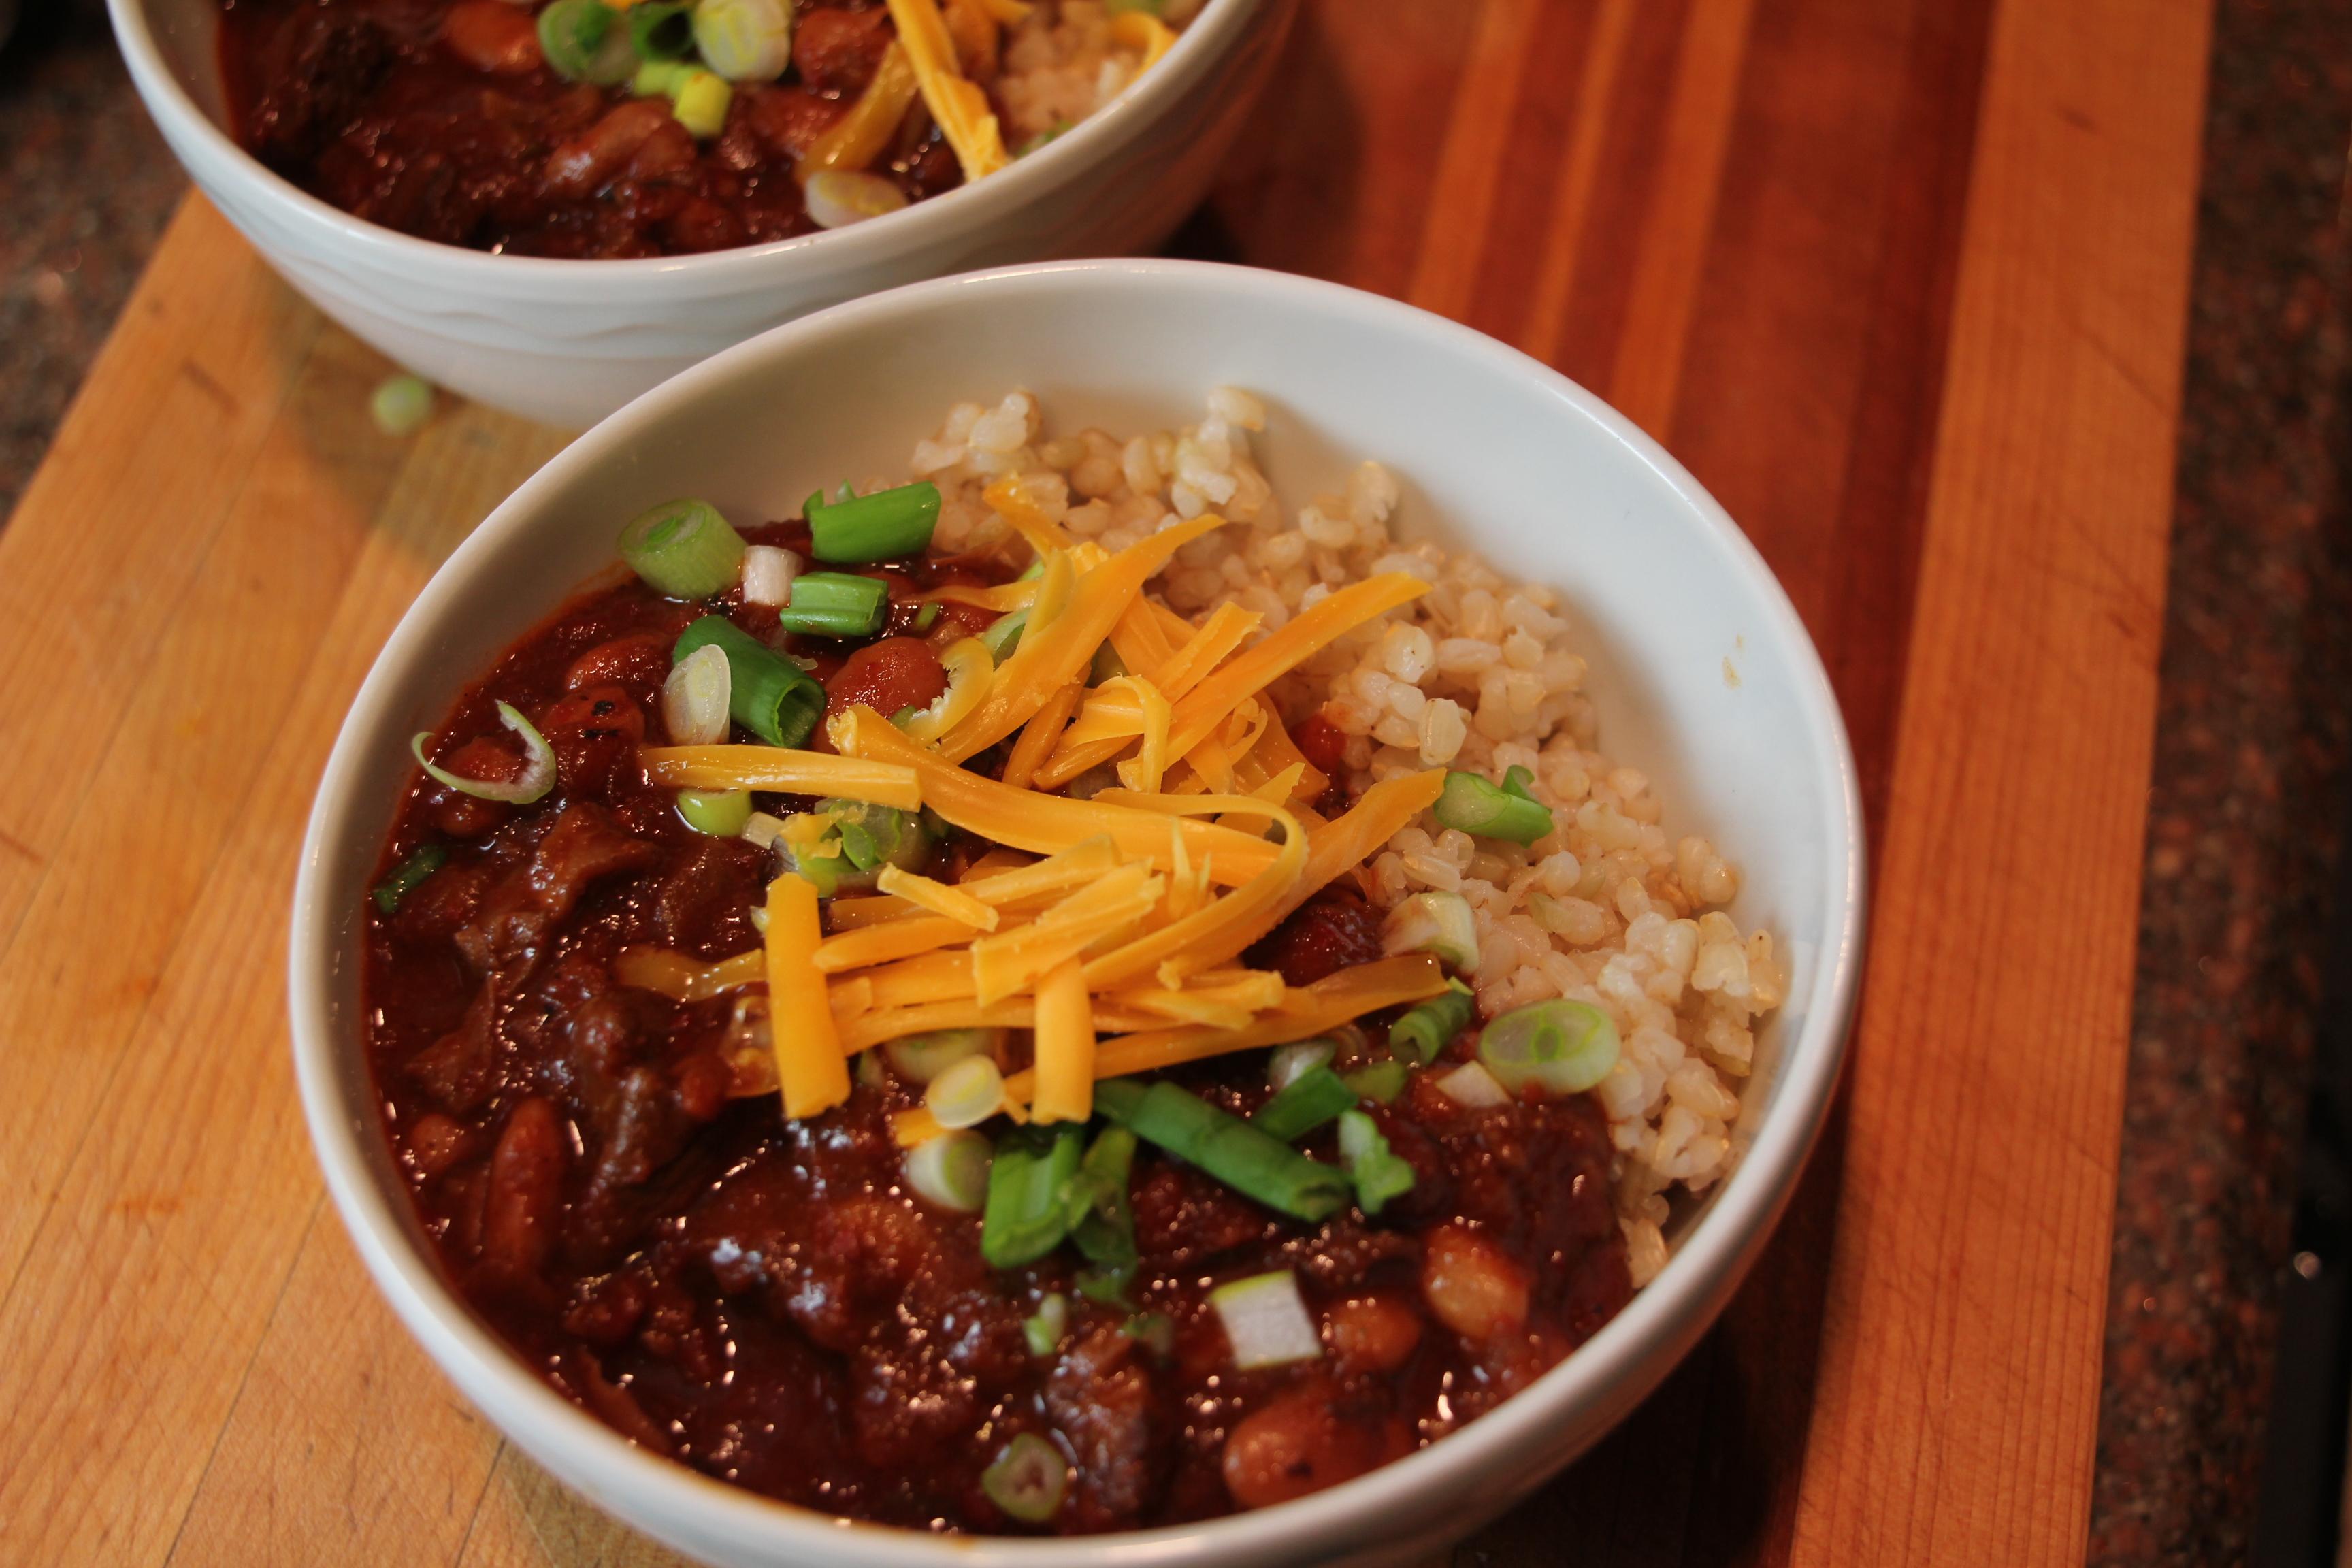 Recipe: Crock Pot Taco Meat